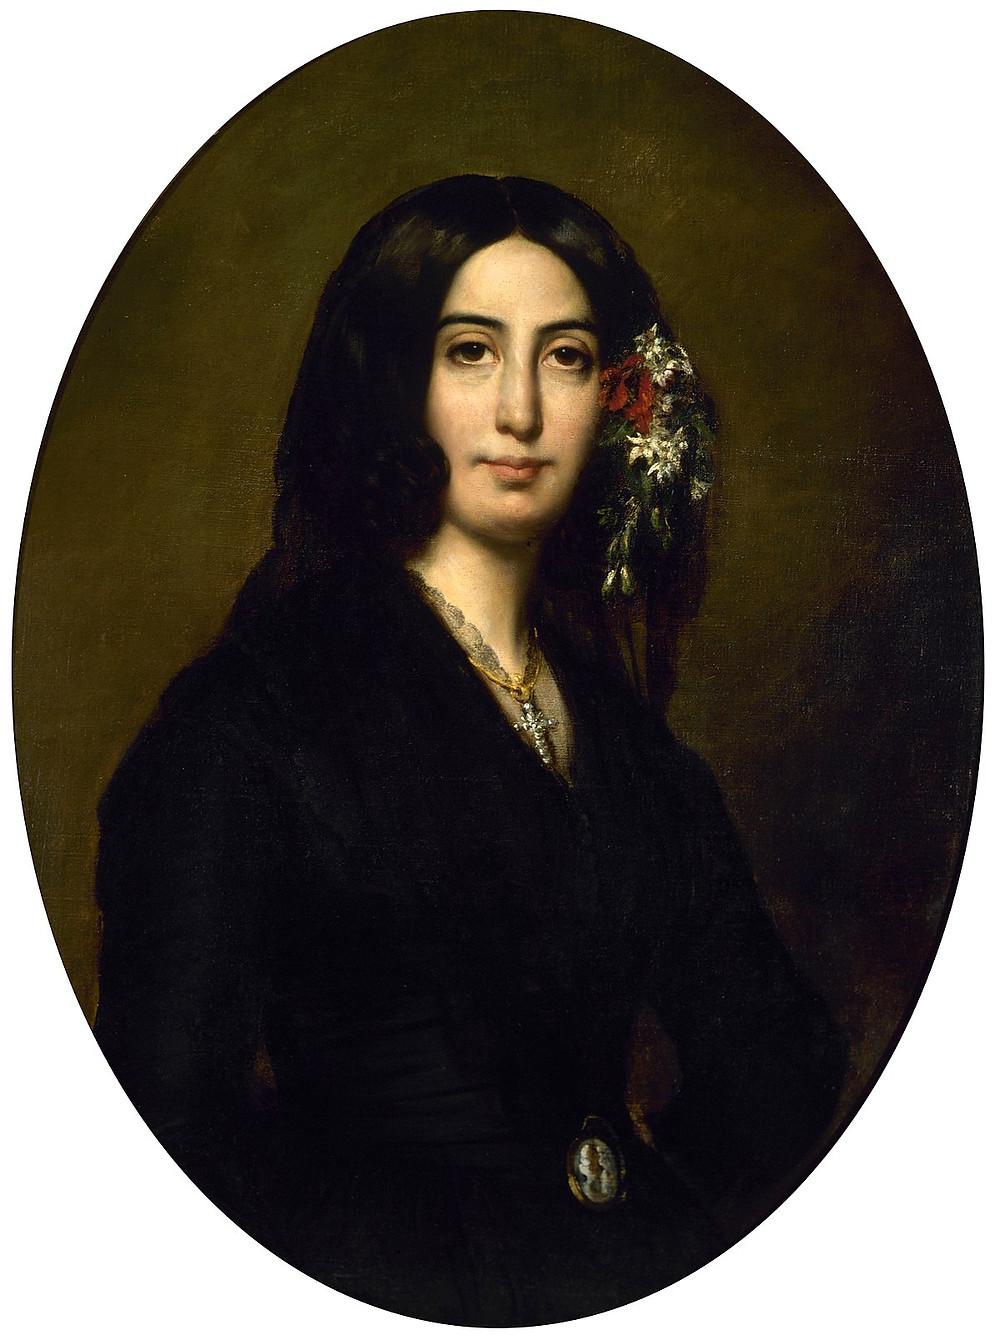 Auguste Charpentier's famous portrait of George Sand in the Musee de la vie Romantique.